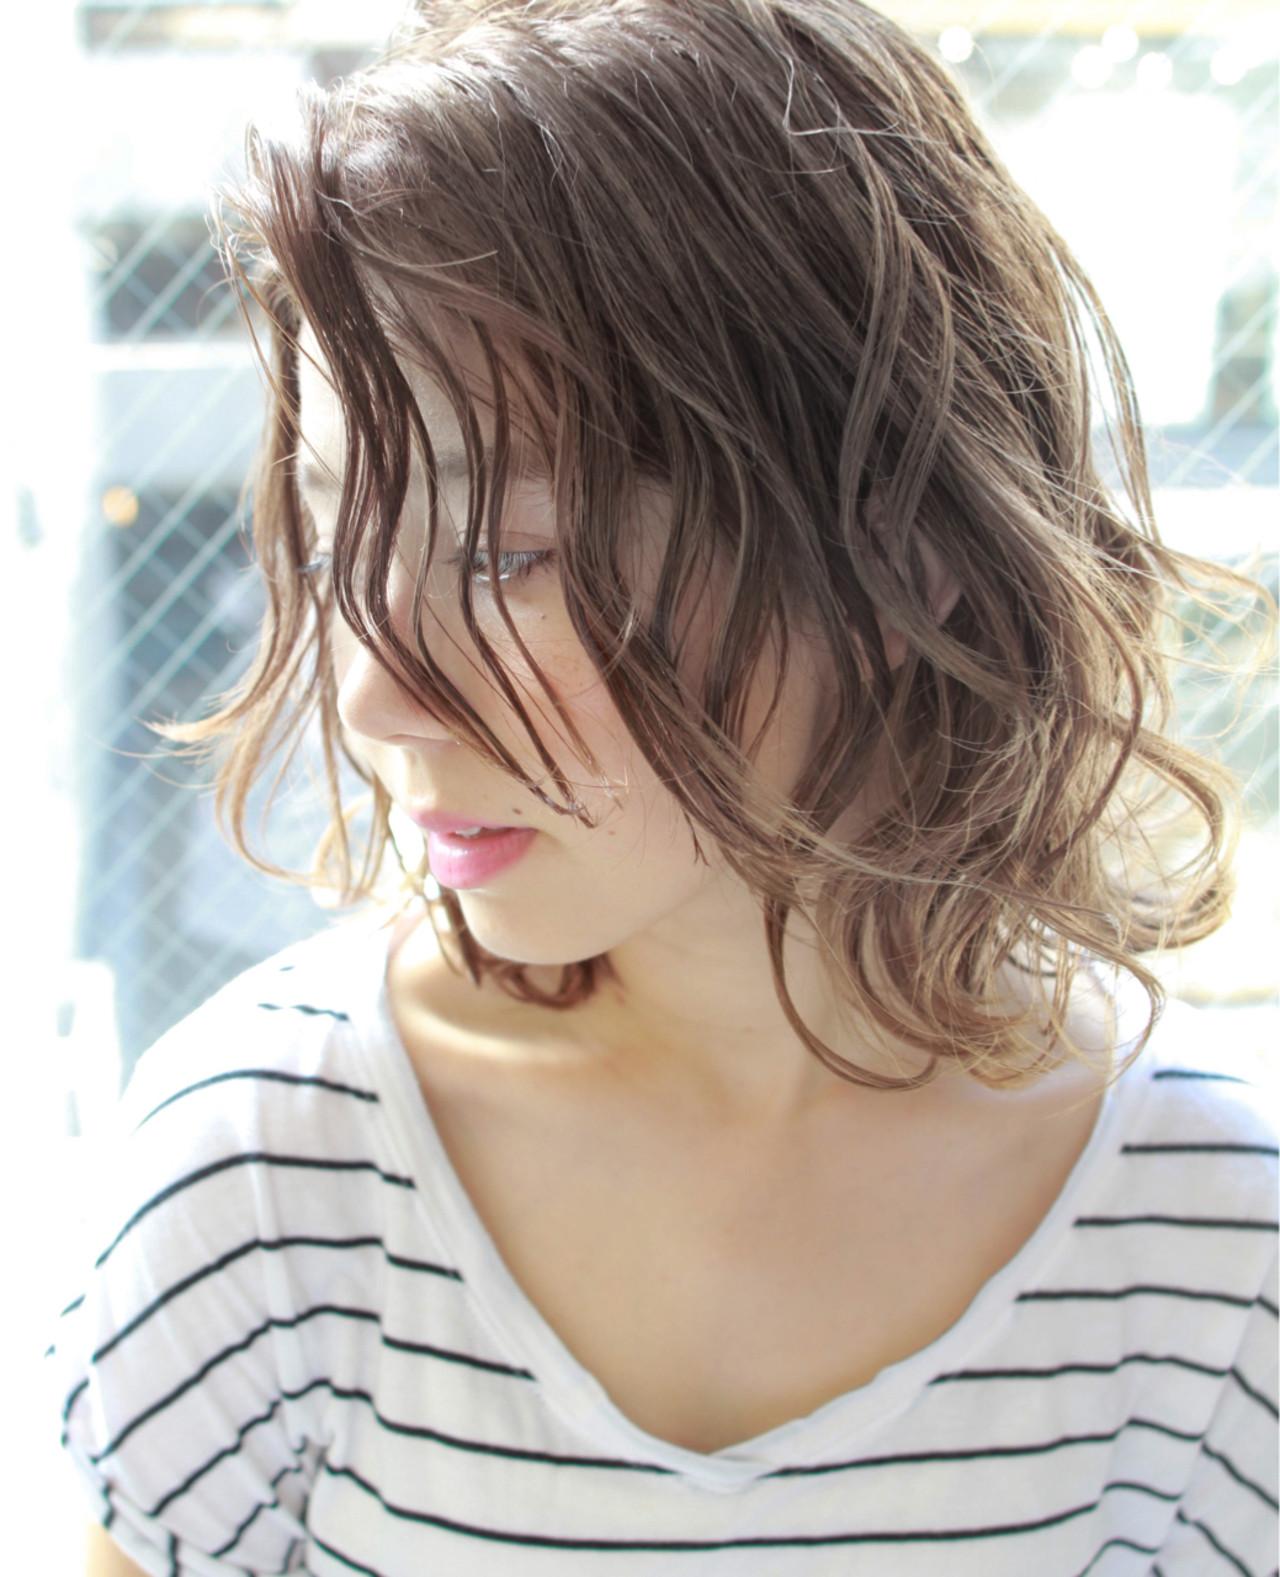 パーマ ハイライト 外国人風 ストリート ヘアスタイルや髪型の写真・画像 | 高沼 達也 / byトルネード / トルネード